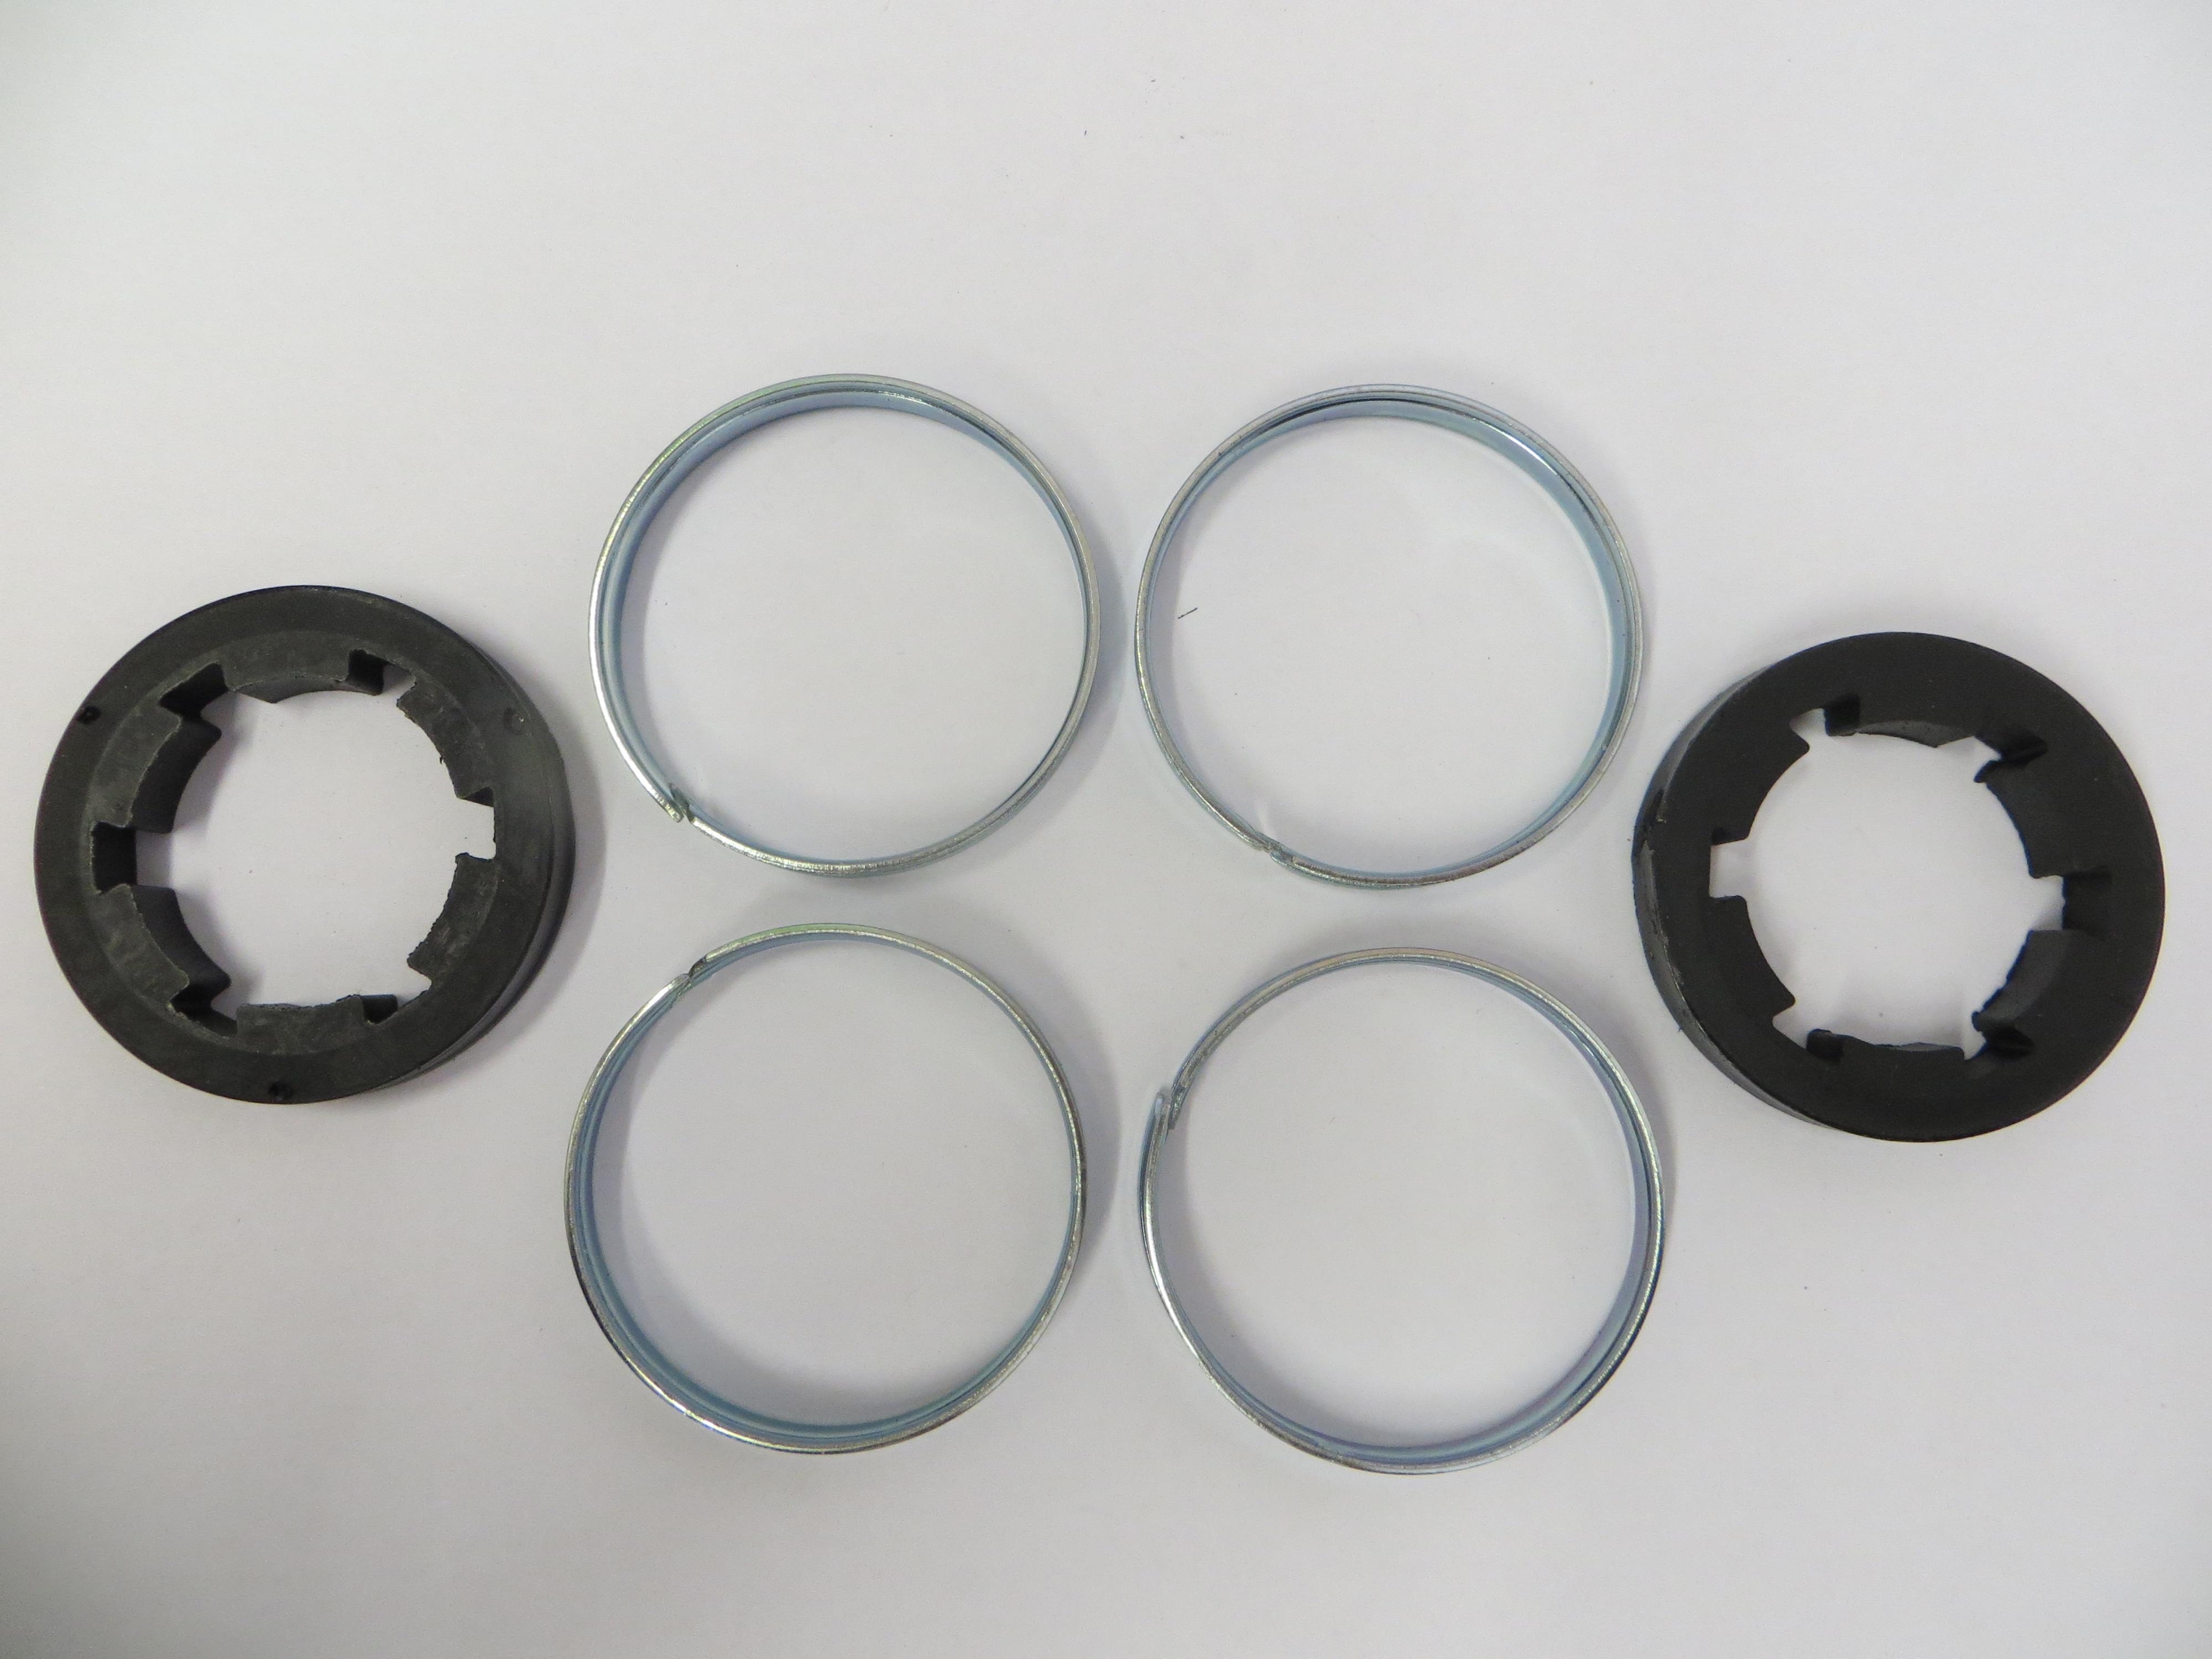 Black Hose 7 8 Dia X 7 Ft Long Partsking Com